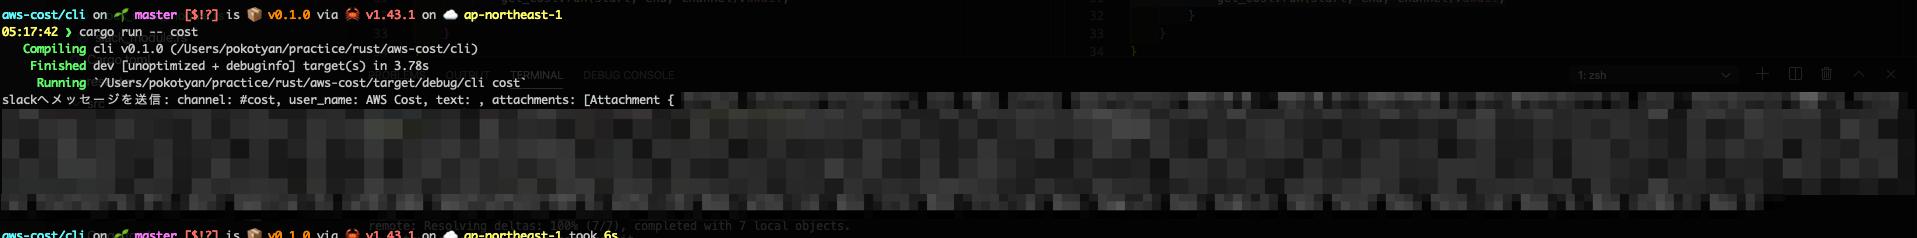 スクリーンショット_2020-05-29_5_18_17.png